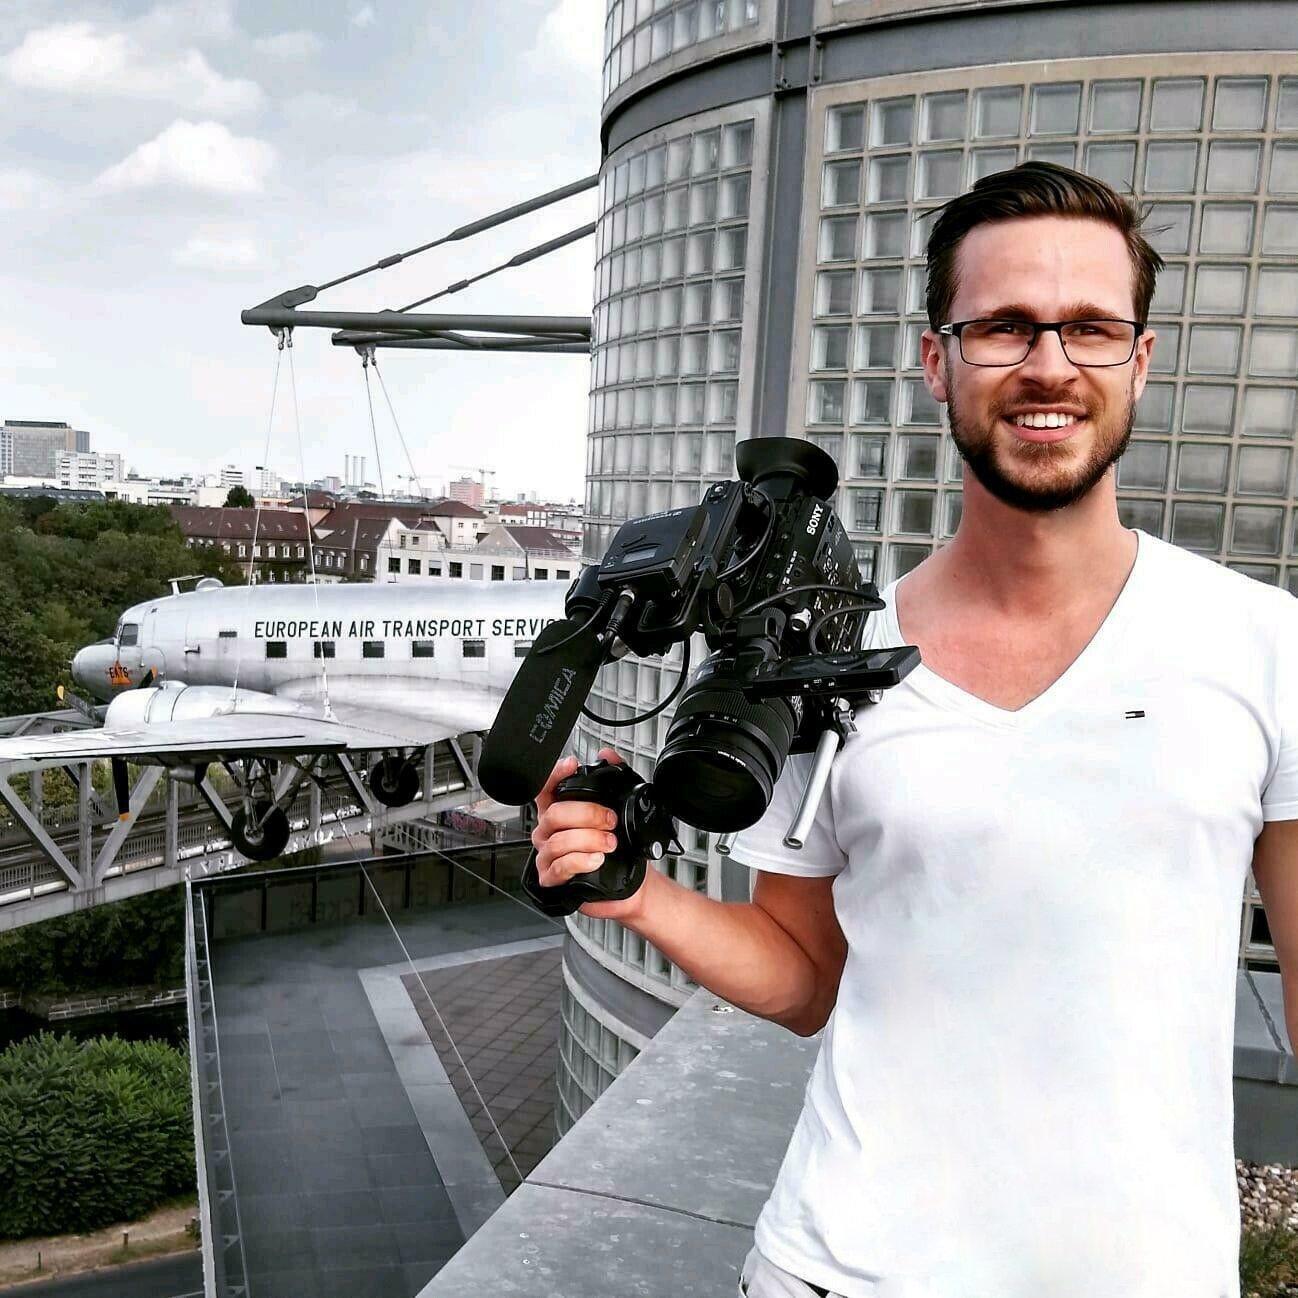 Videographer per day